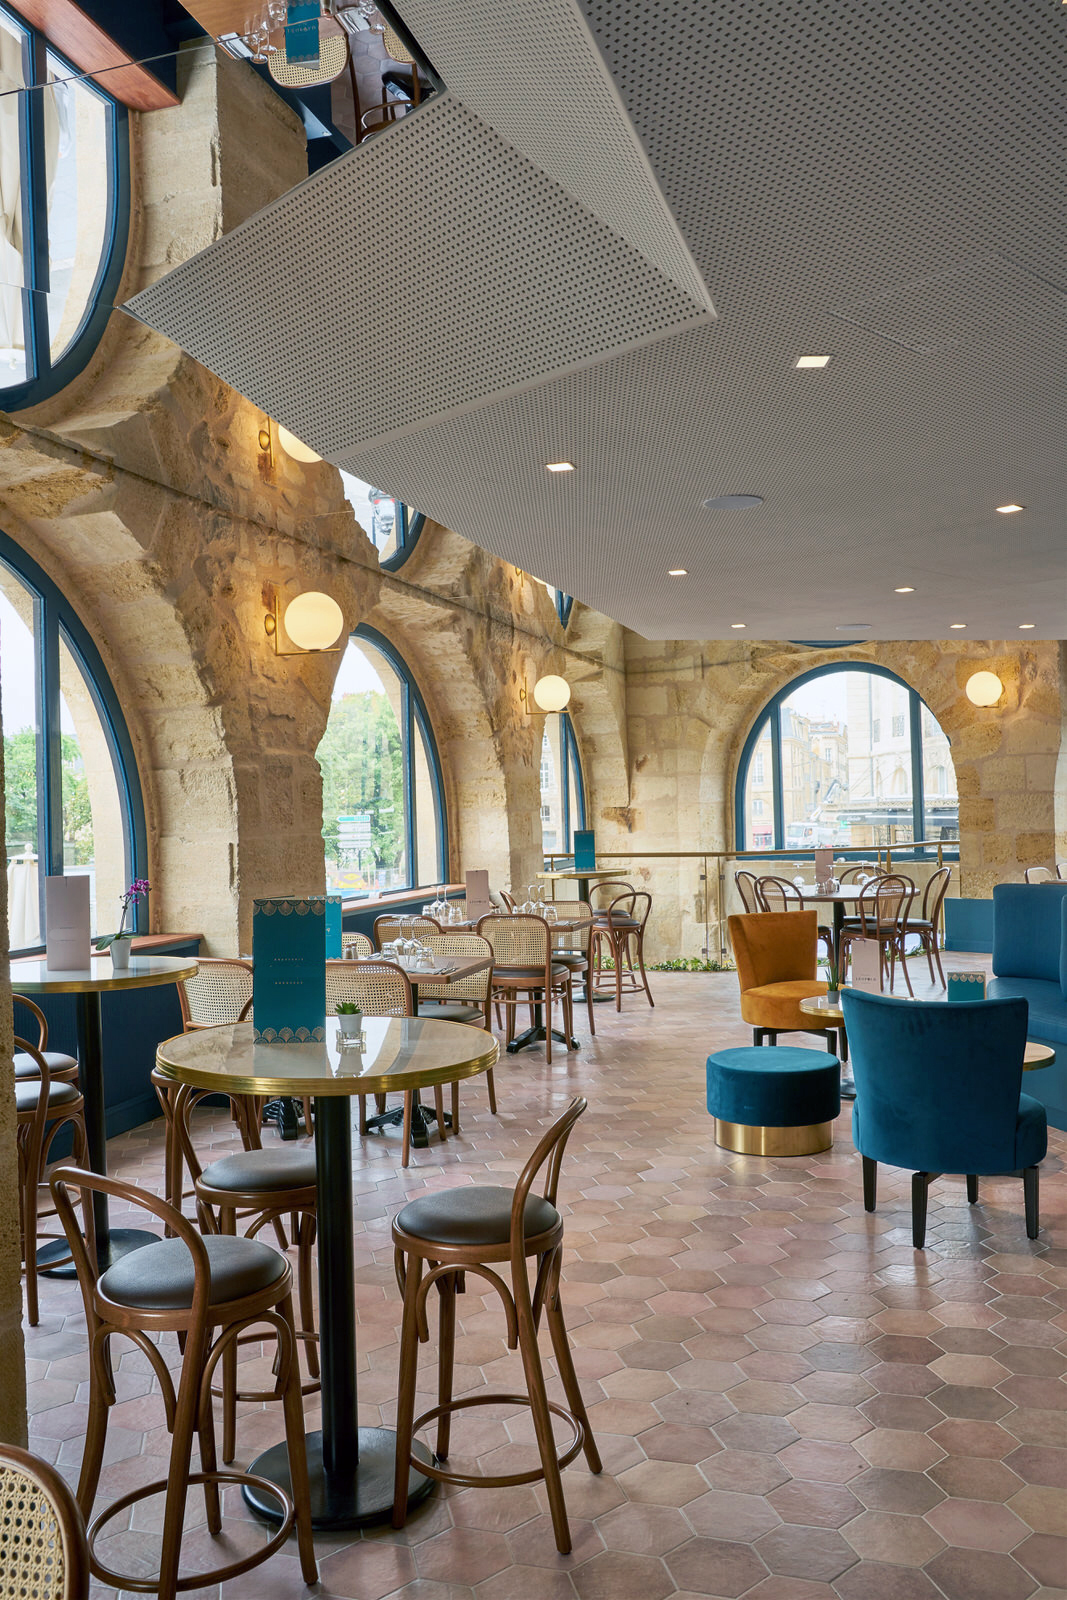 Réhabilitation intégrale d'un restaurant en brasserie.